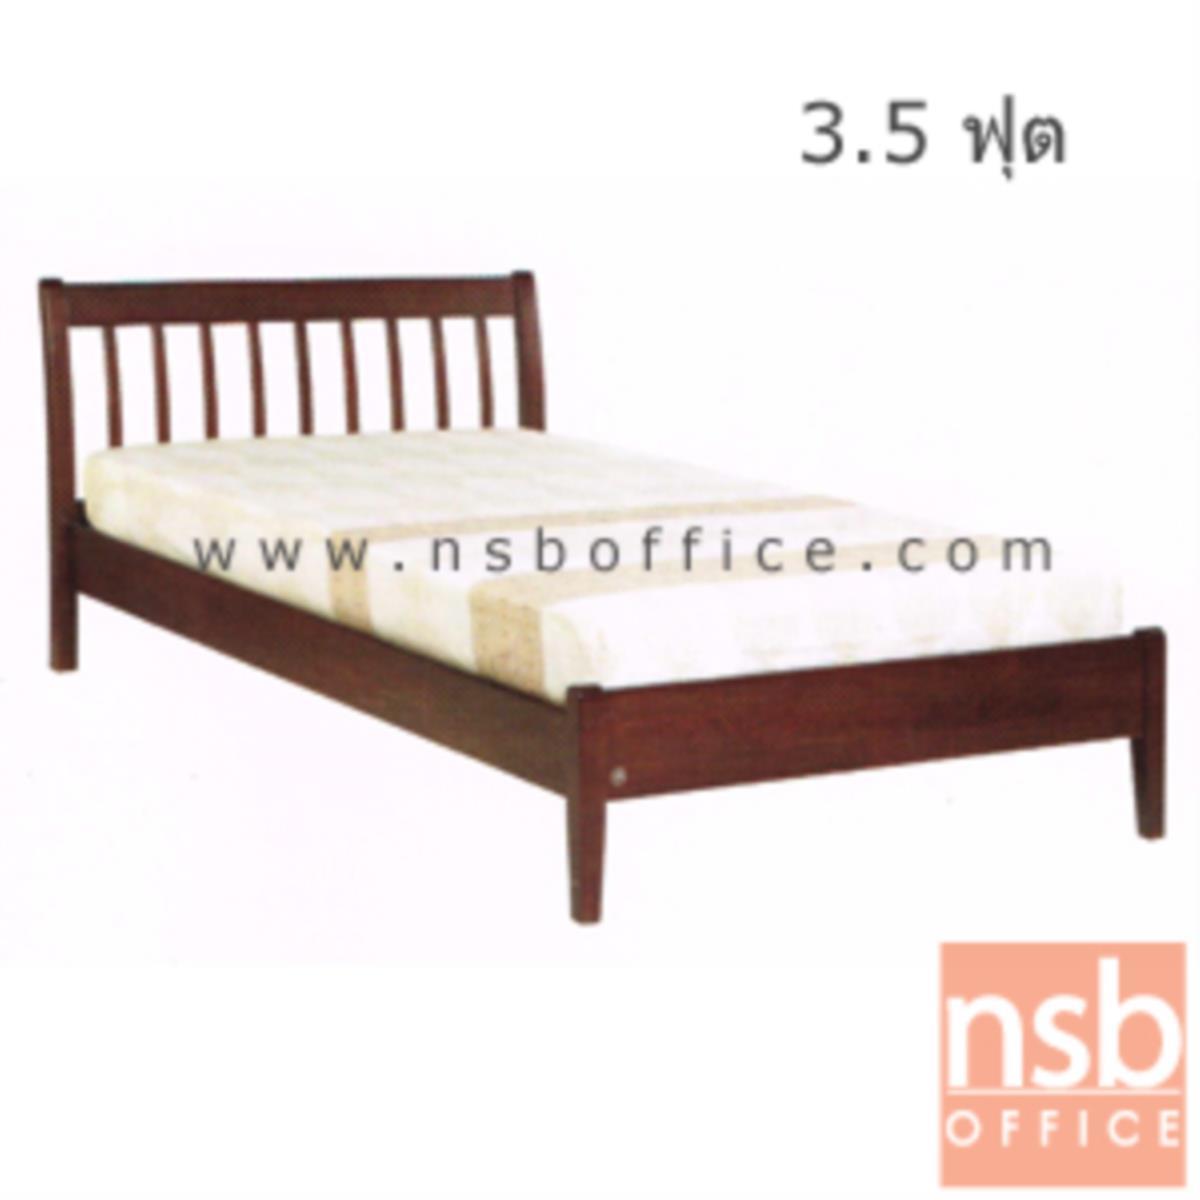 G11A089:เตียงไม้ยางพาราล้วน 3.5 ฟุต หัวเตียงไม้ระแนง